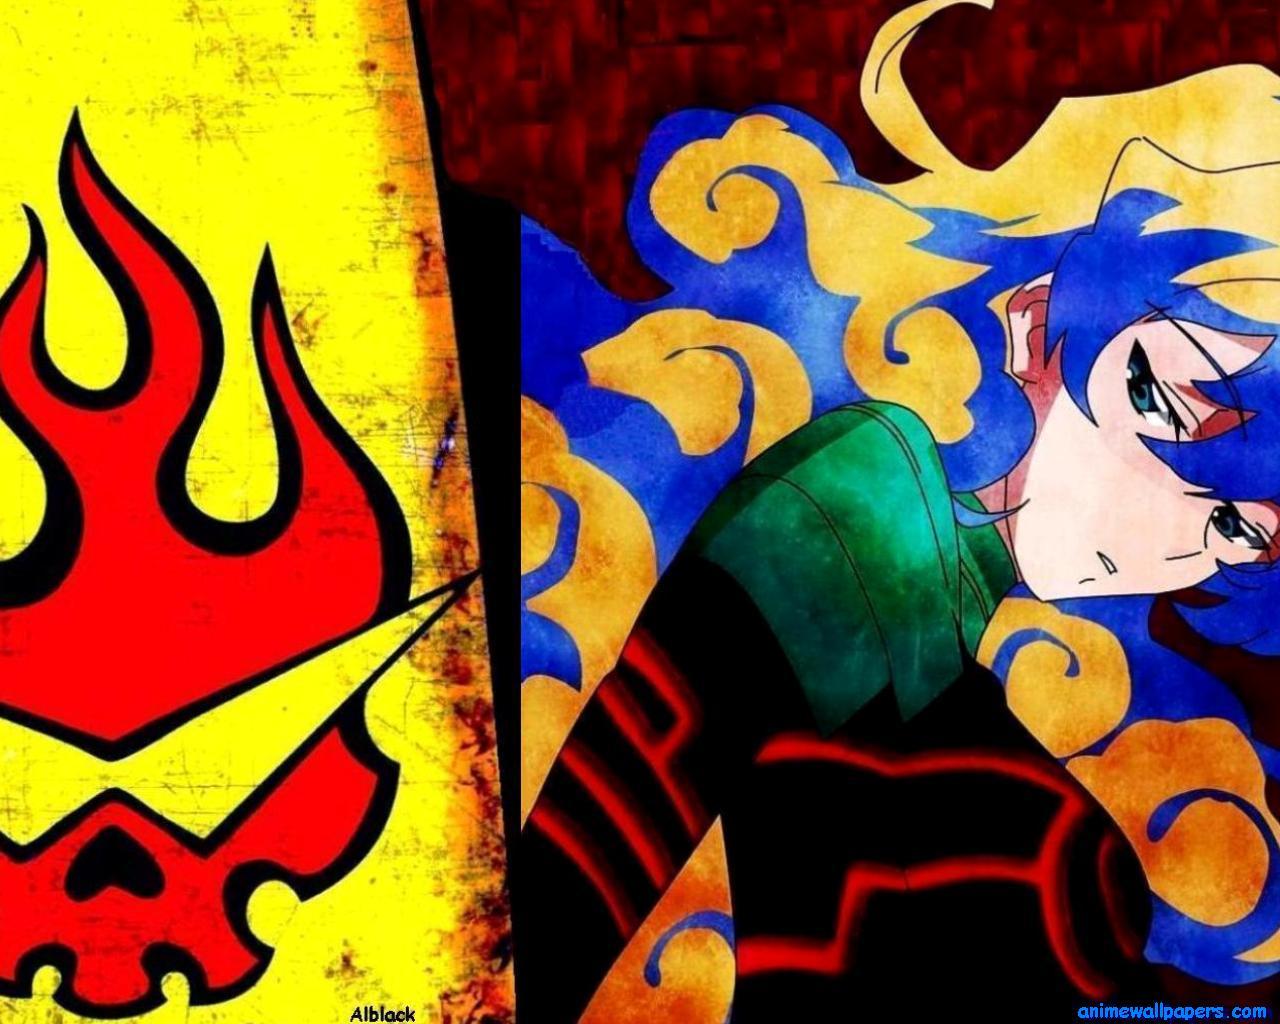 Tengen Toppa Gurren Lagann Anime Wallpaper # 1